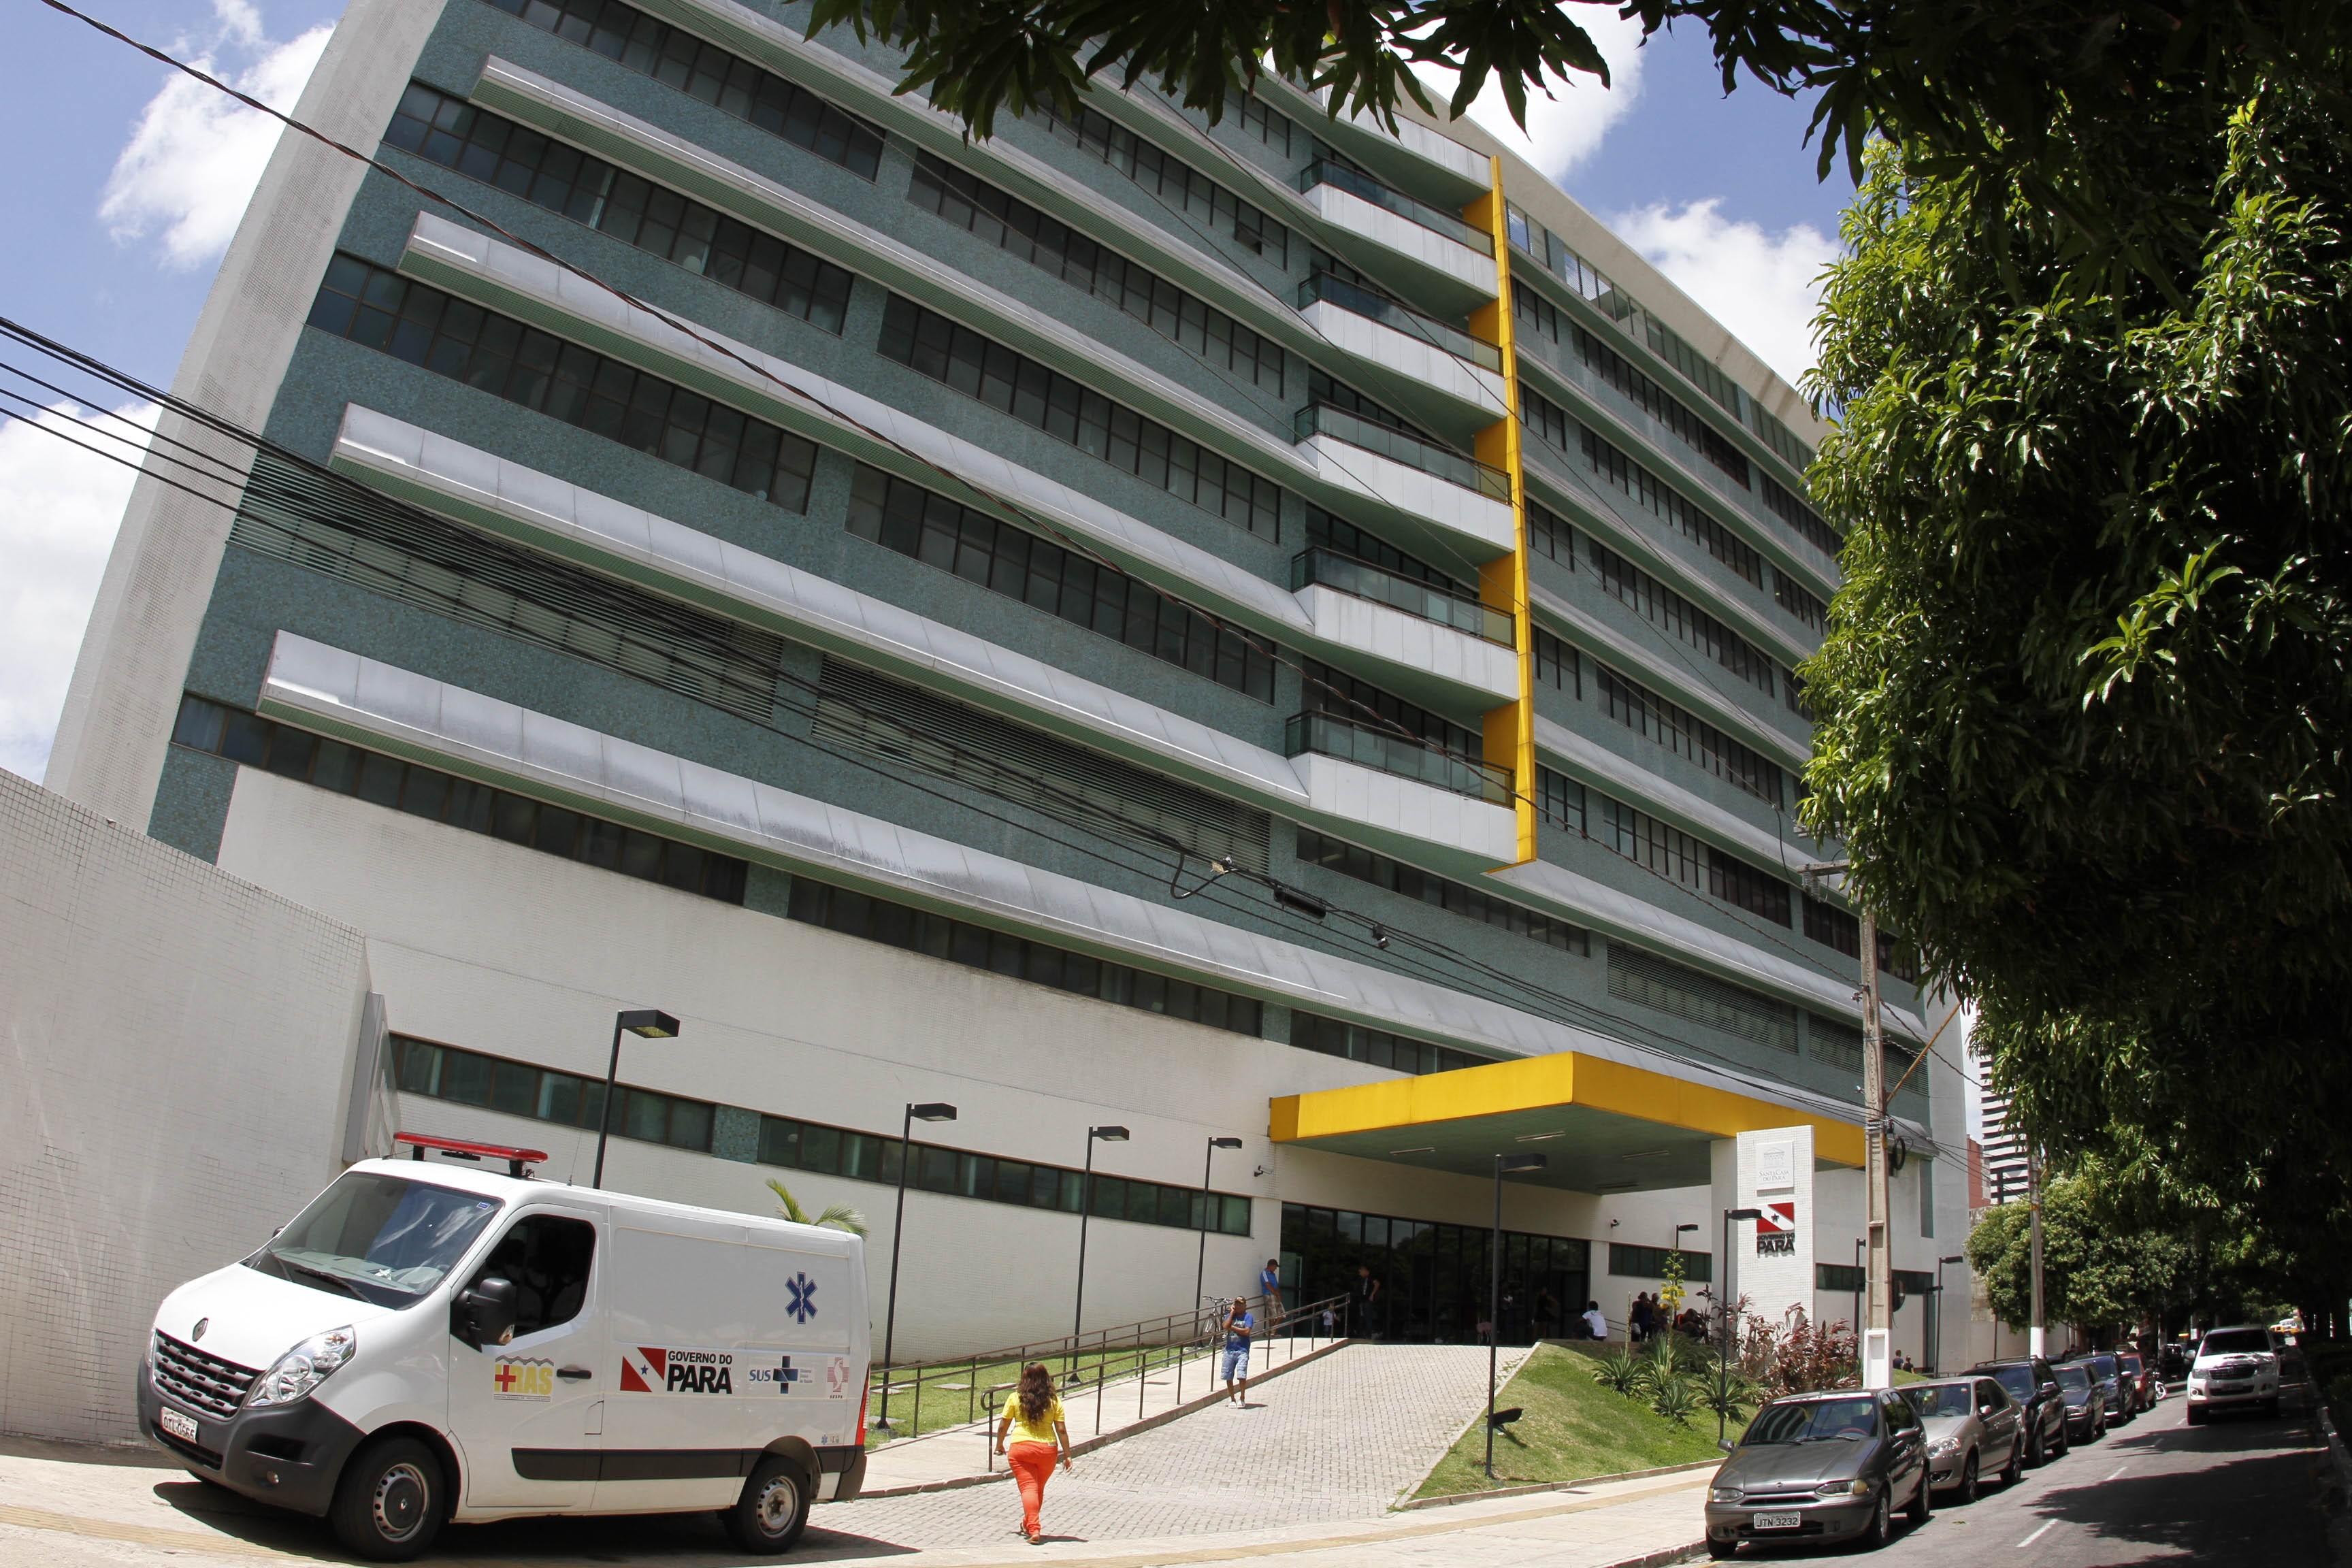 Santa Casa retoma atendimento para pacientes fissurados na próxima segunda-feira